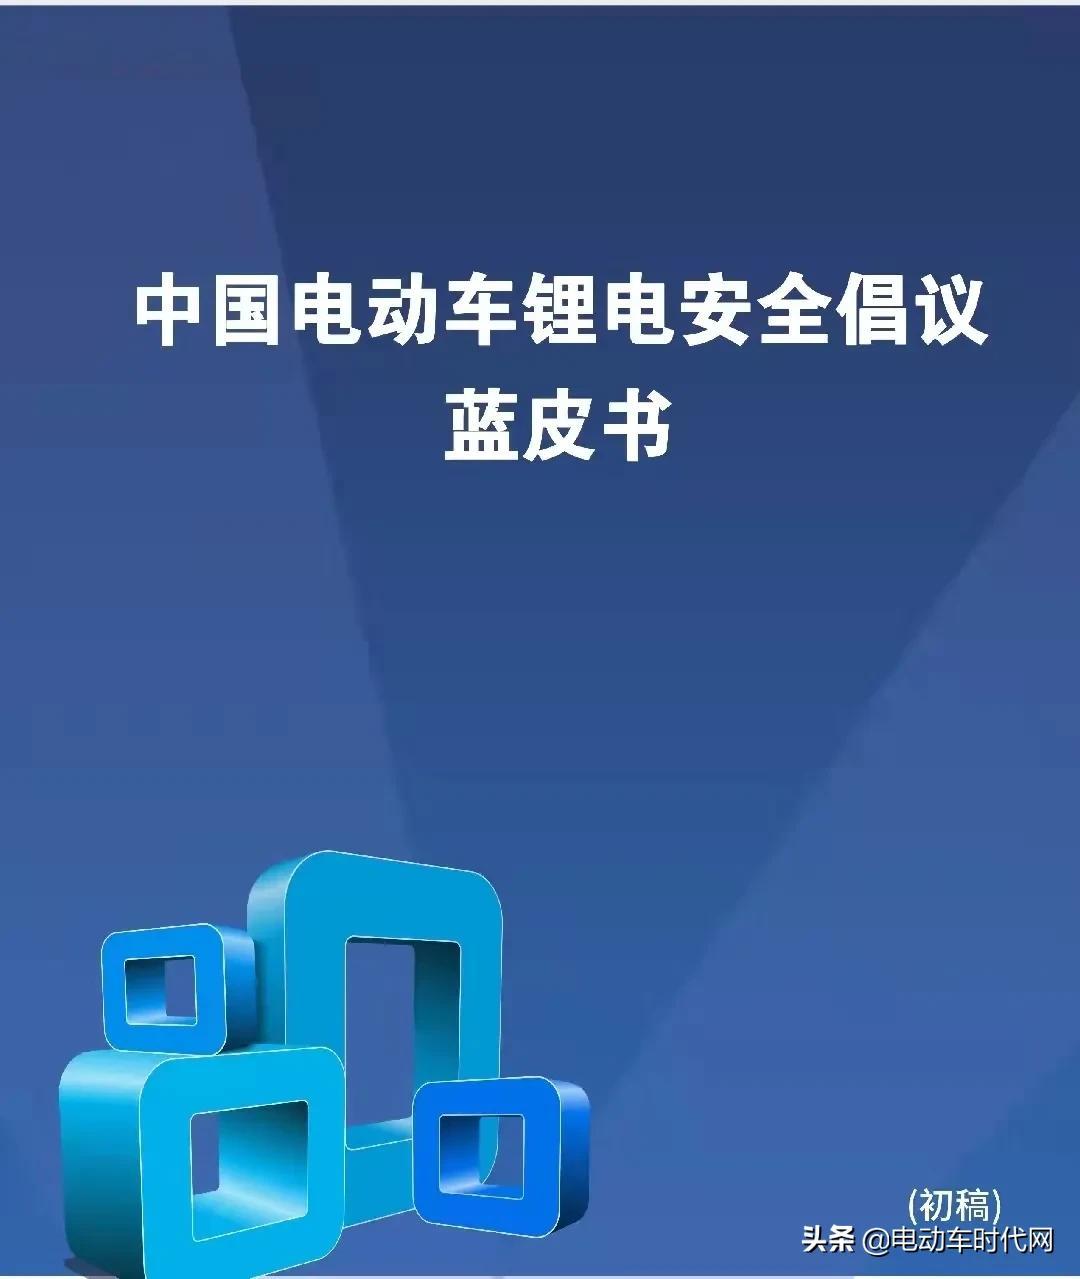 """星恒扛起鋰電安全大旗!""""鋰電安全中國行""""公益系列活動啟動"""